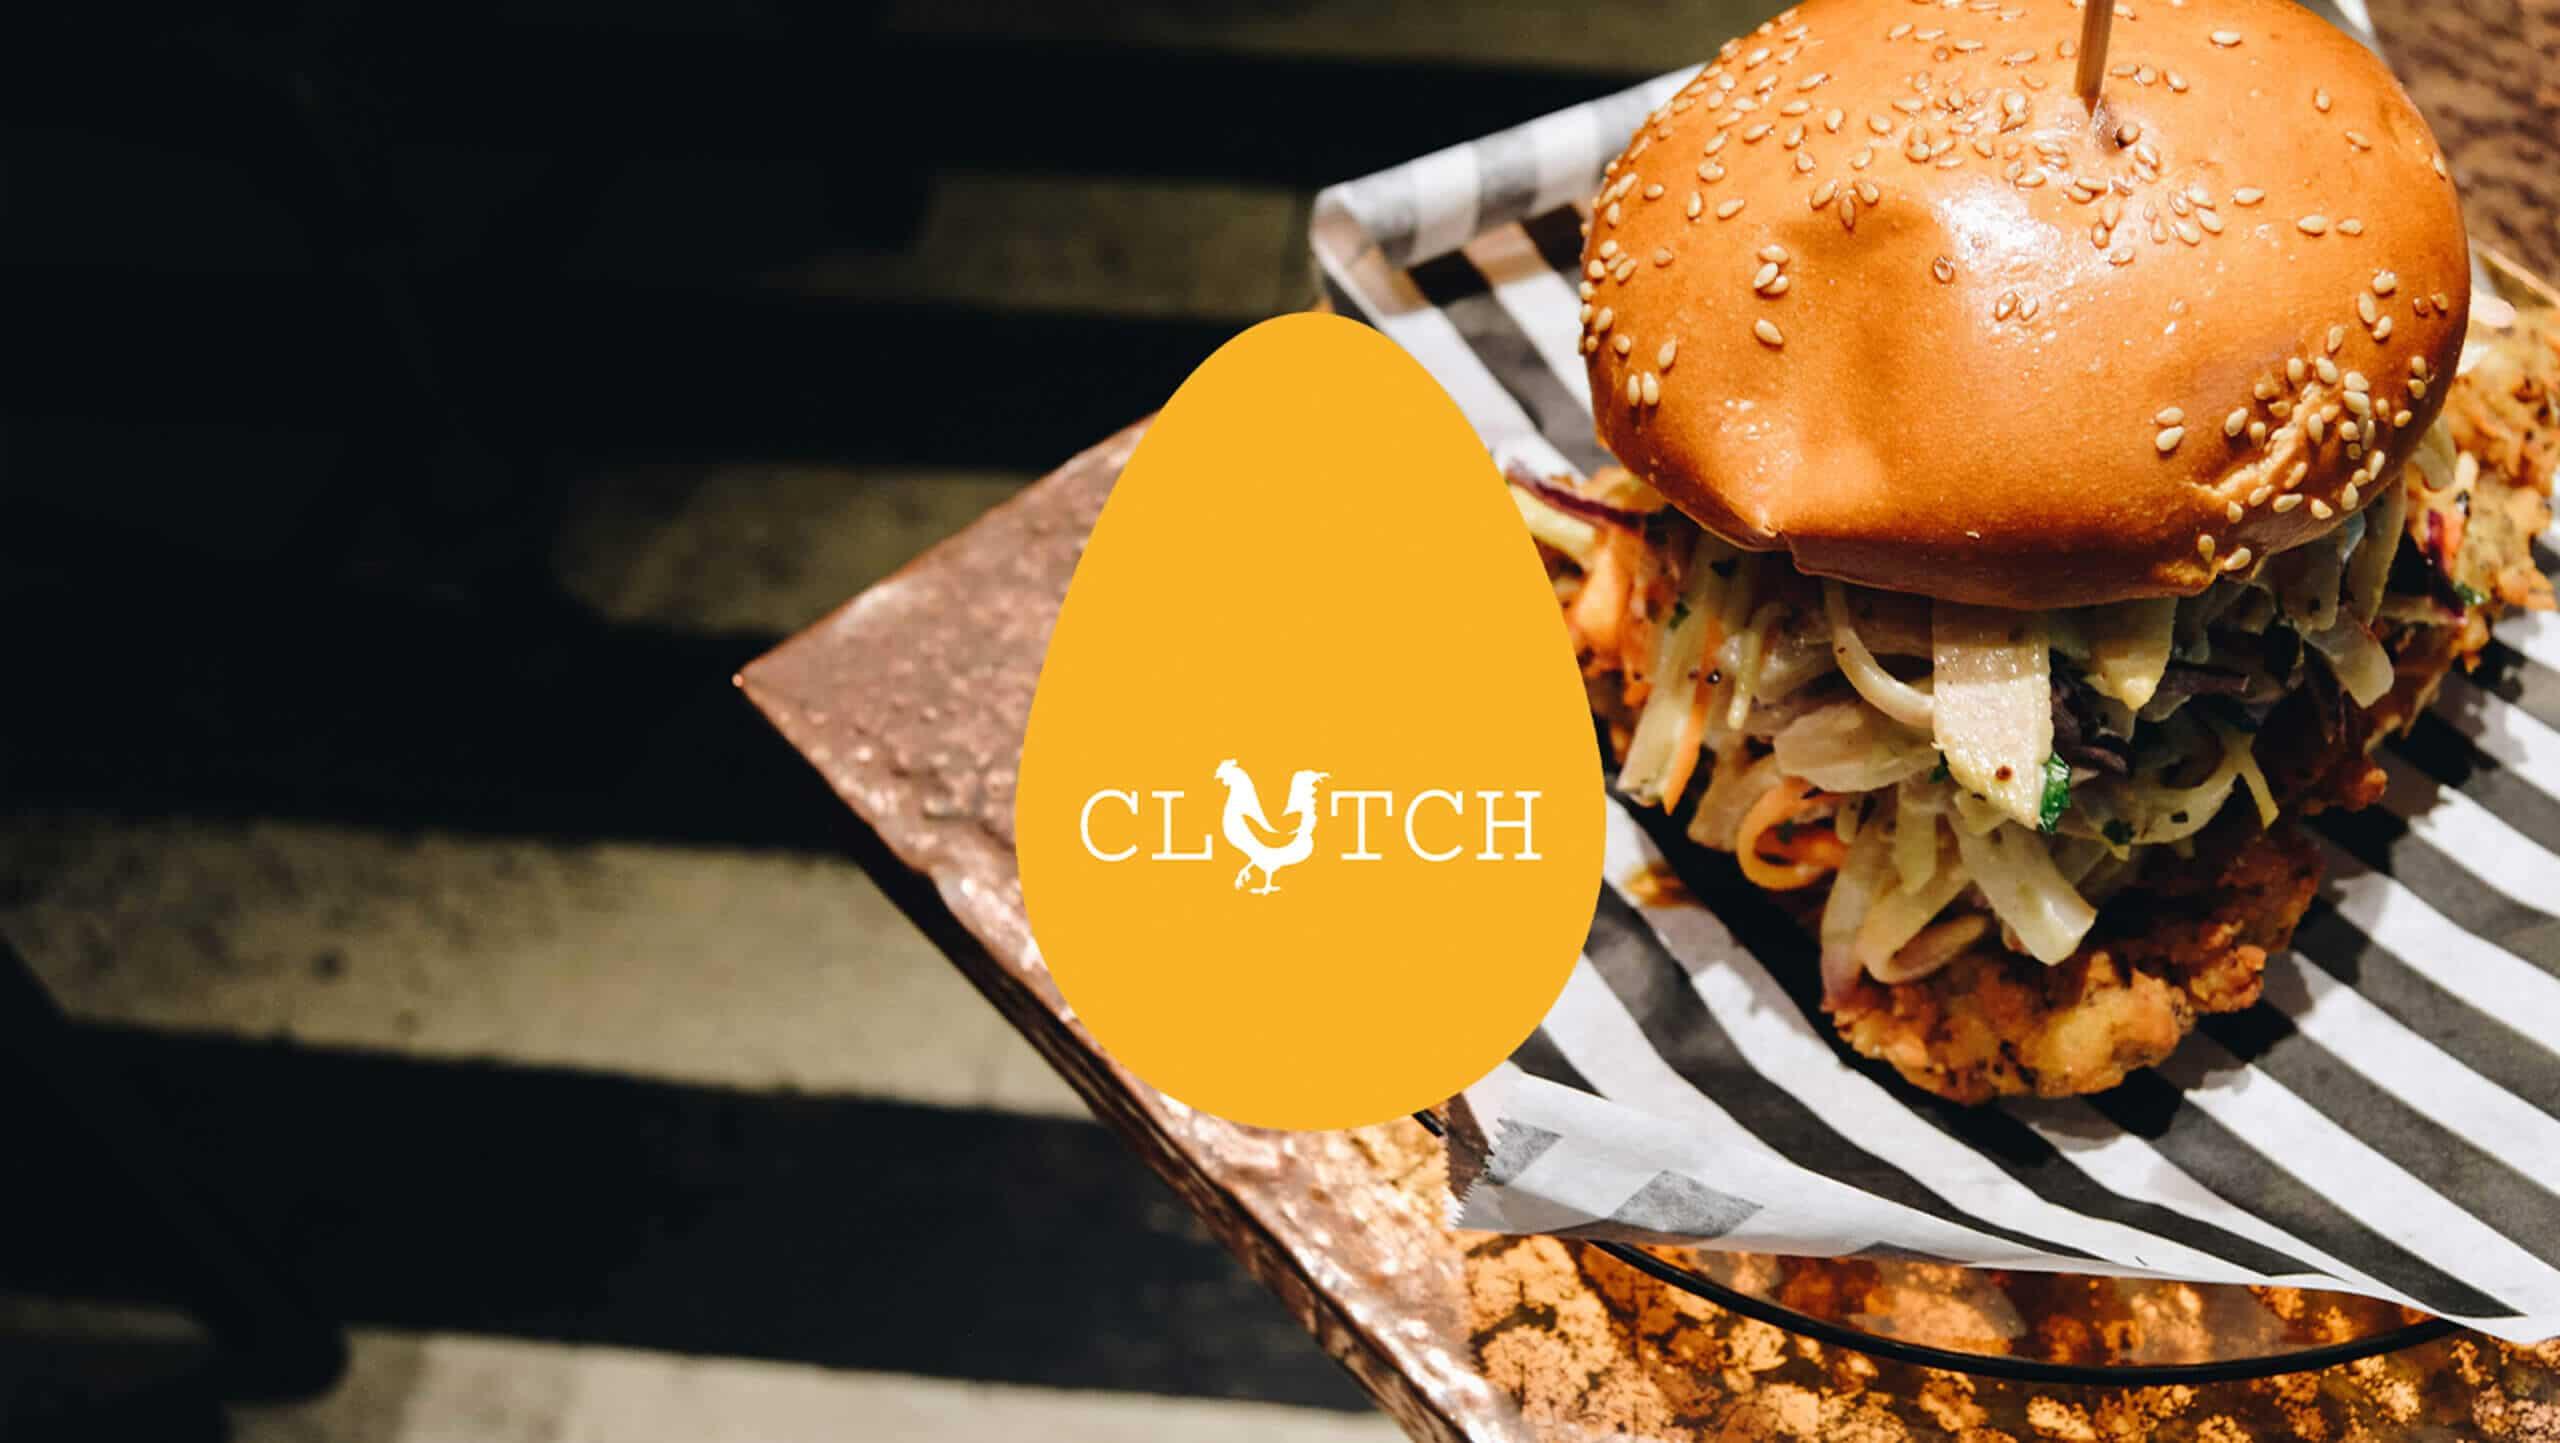 Clutch Chicken